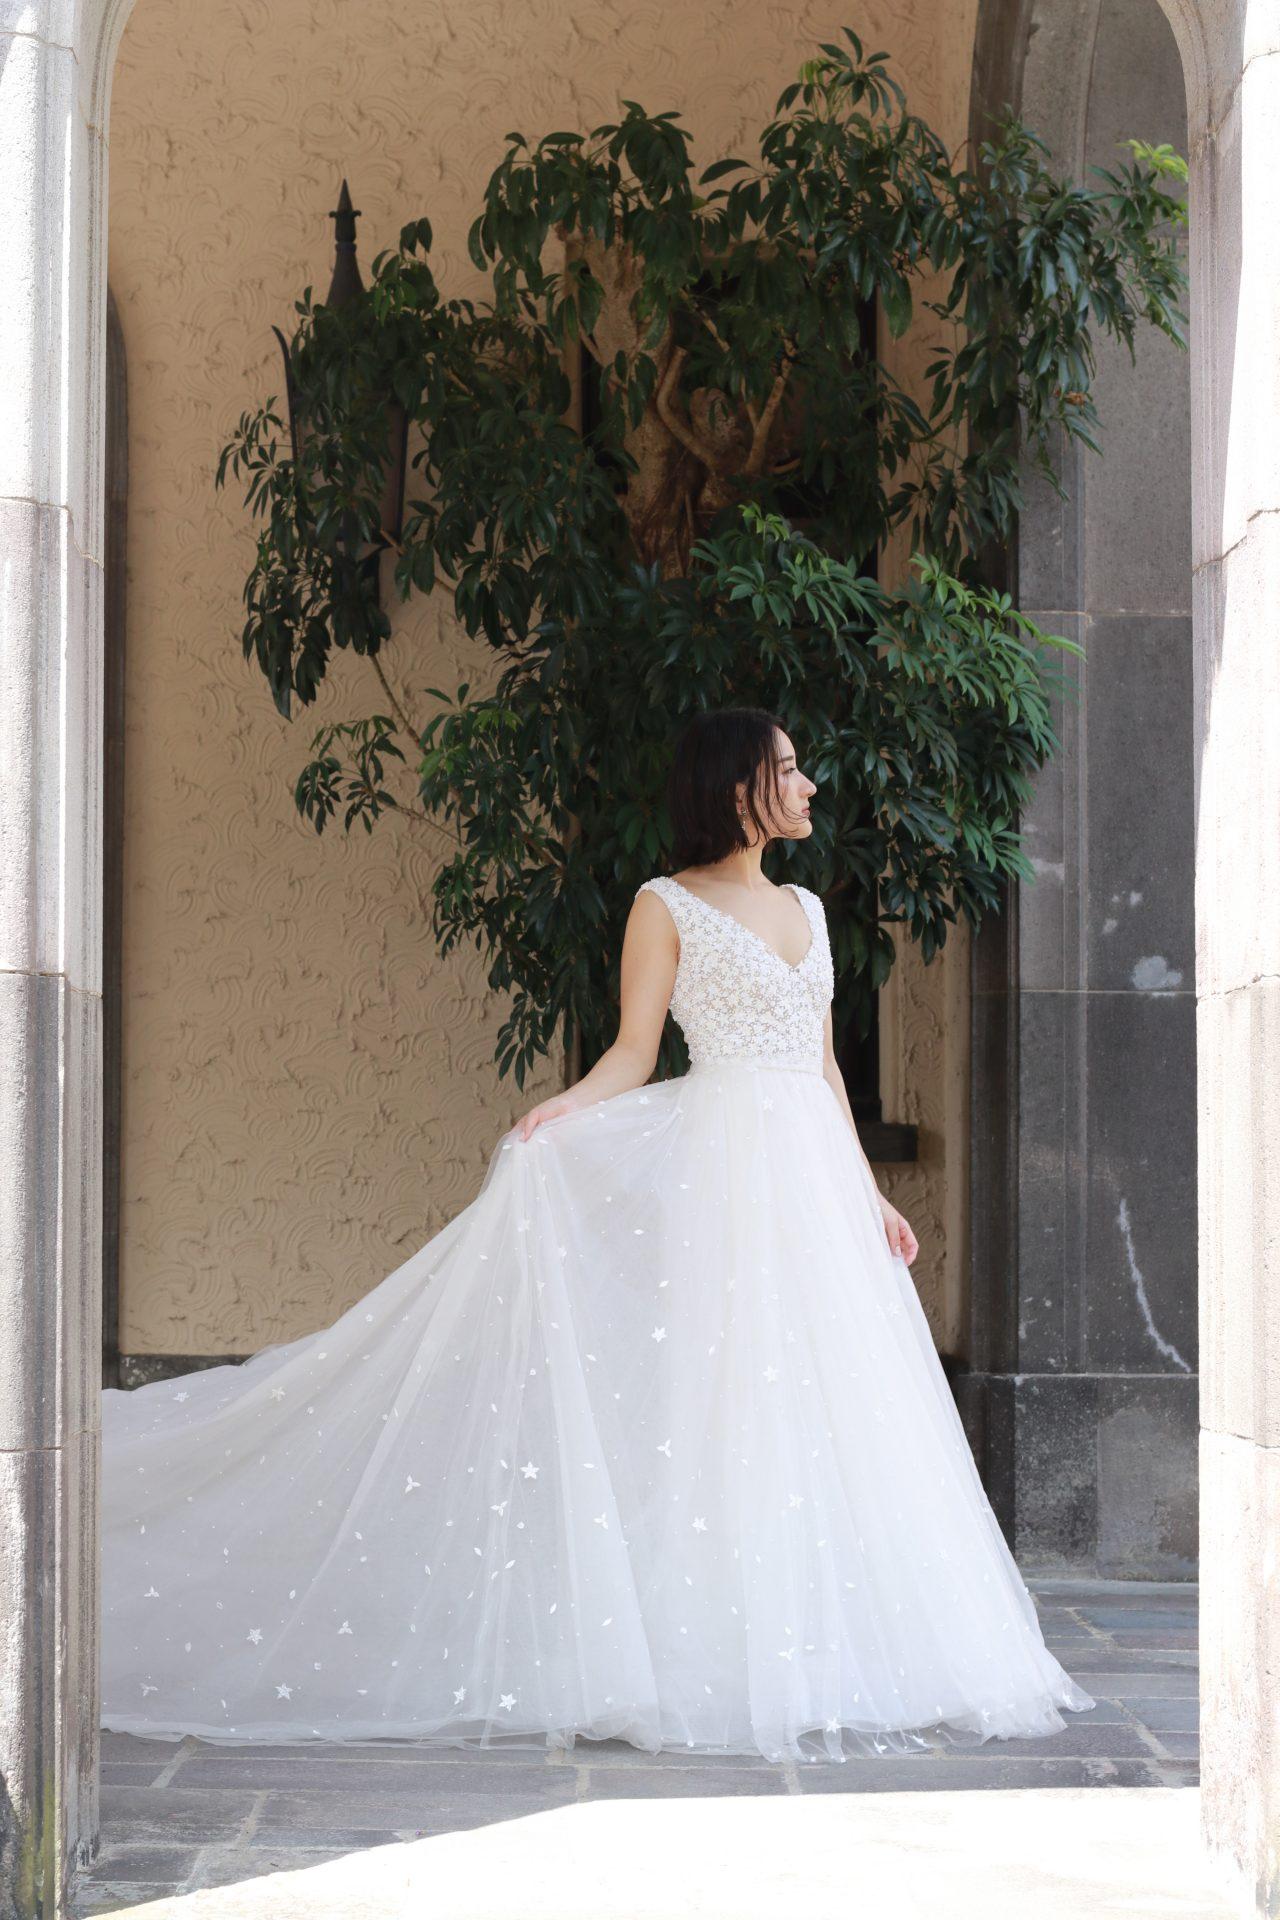 赤坂プリンスクラシックハウスの提携ドレスショップ、ザトリートドレッシングに入荷したリームアクラの新作ウェディングドレスは、しなやかな女性のボディラインを柔らかく包む、軽やかで透明感あふれるチュールのAラインドレスです